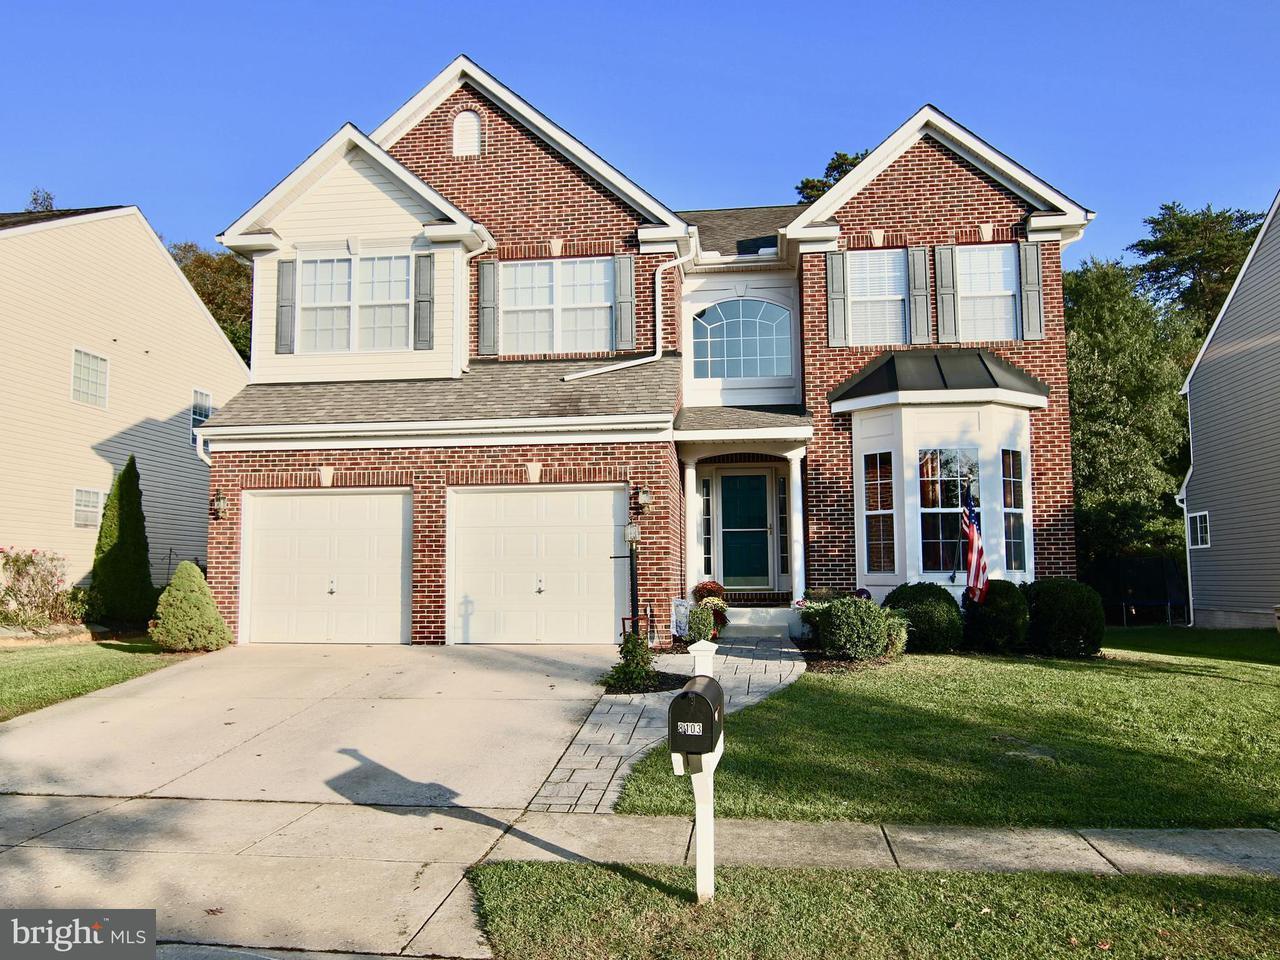 一戸建て のために 売買 アット 8103 MOUNT AVENTINE Road 8103 MOUNT AVENTINE Road Severn, メリーランド 21144 アメリカ合衆国